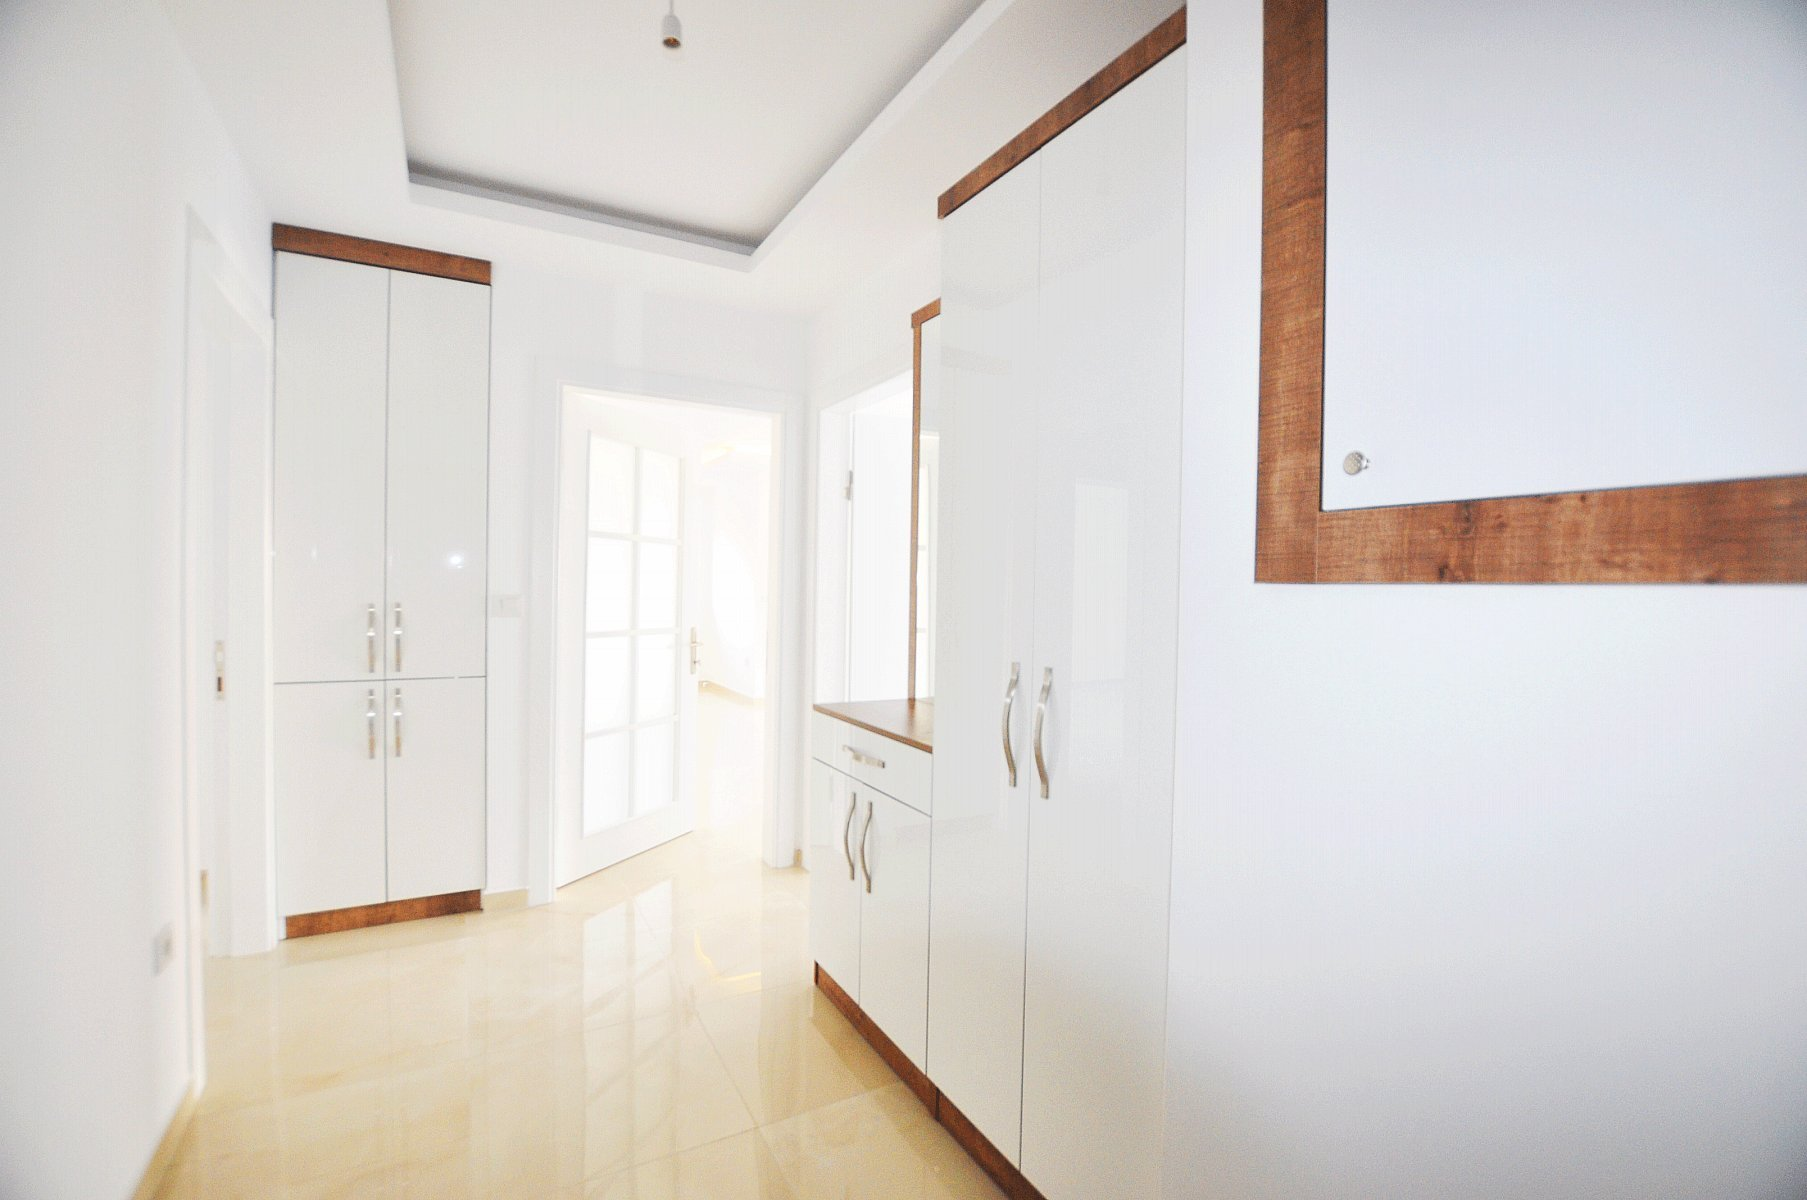 3+1 Просторная квартира в новом малоэтажном доме возле моря